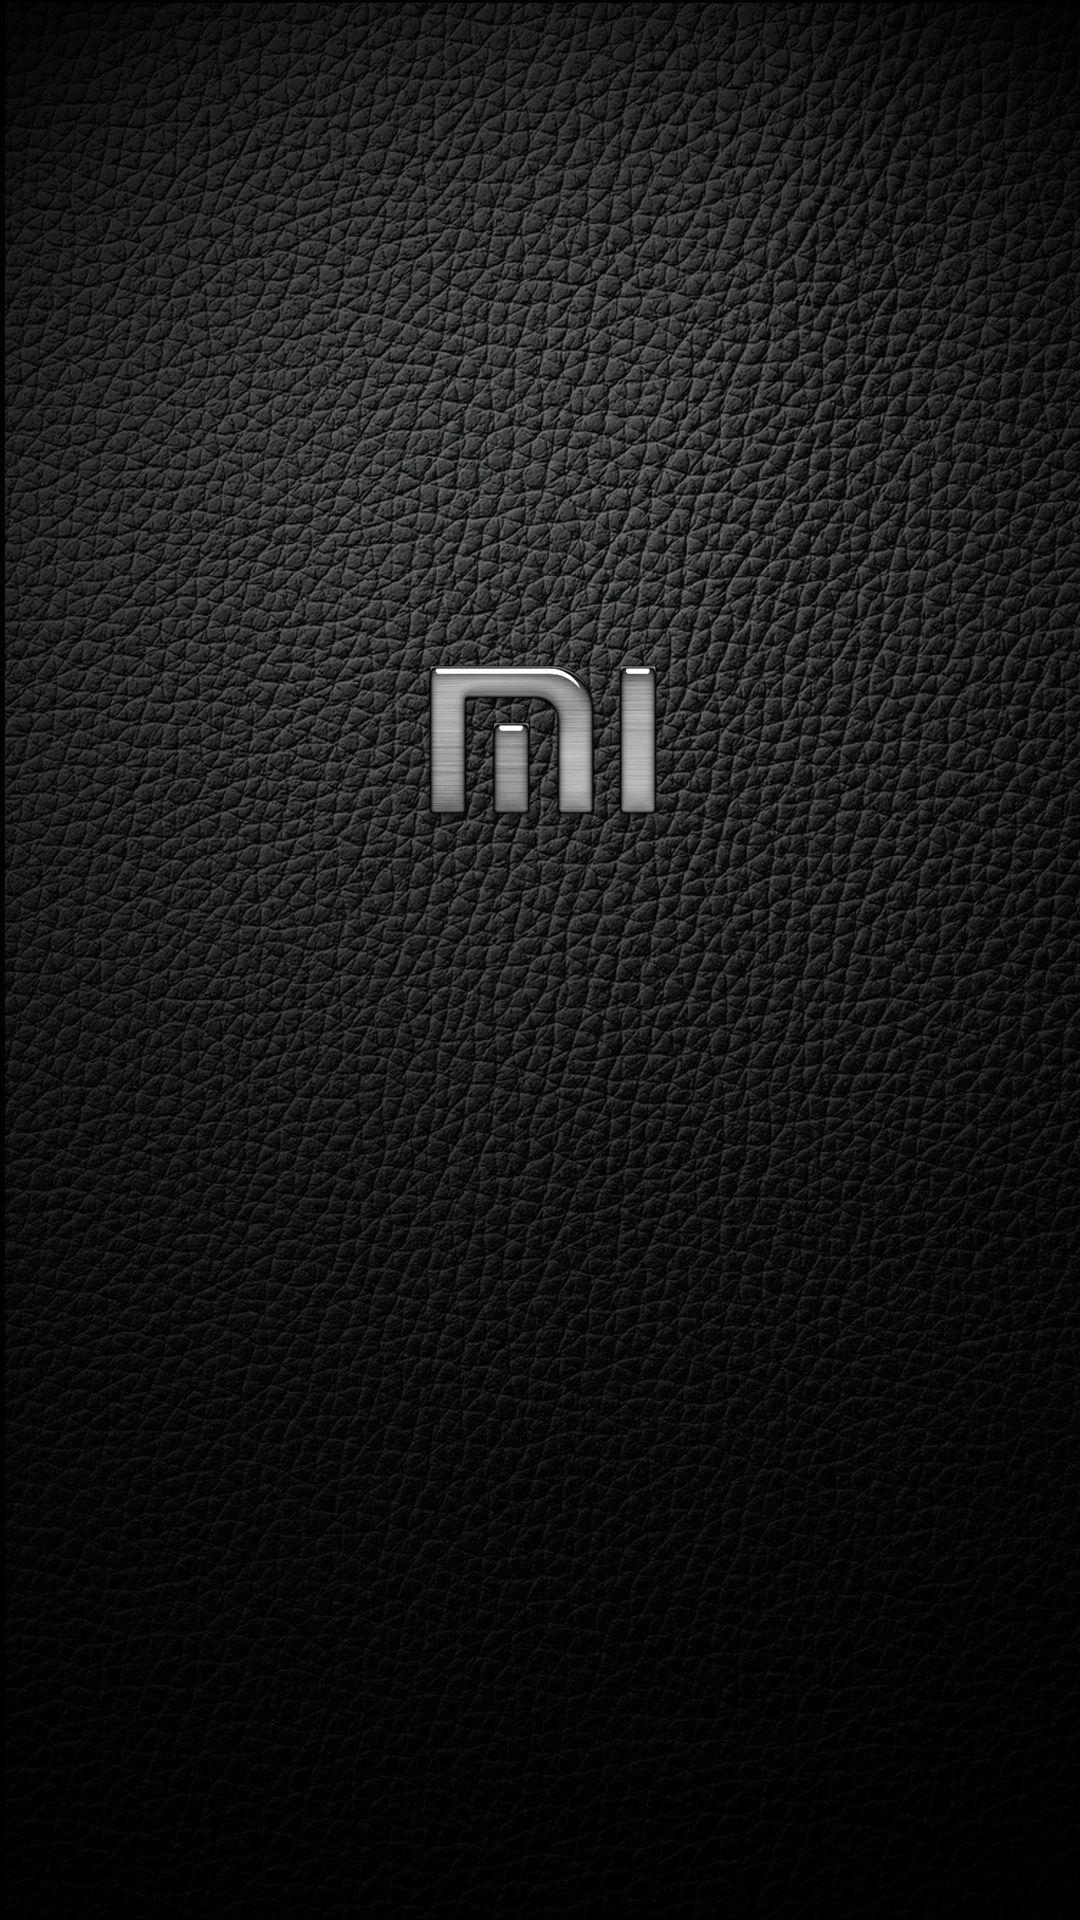 Xiaomi Logo Hd Wallpapers Top Free Xiaomi Logo Hd Backgrounds Wallpaperaccess